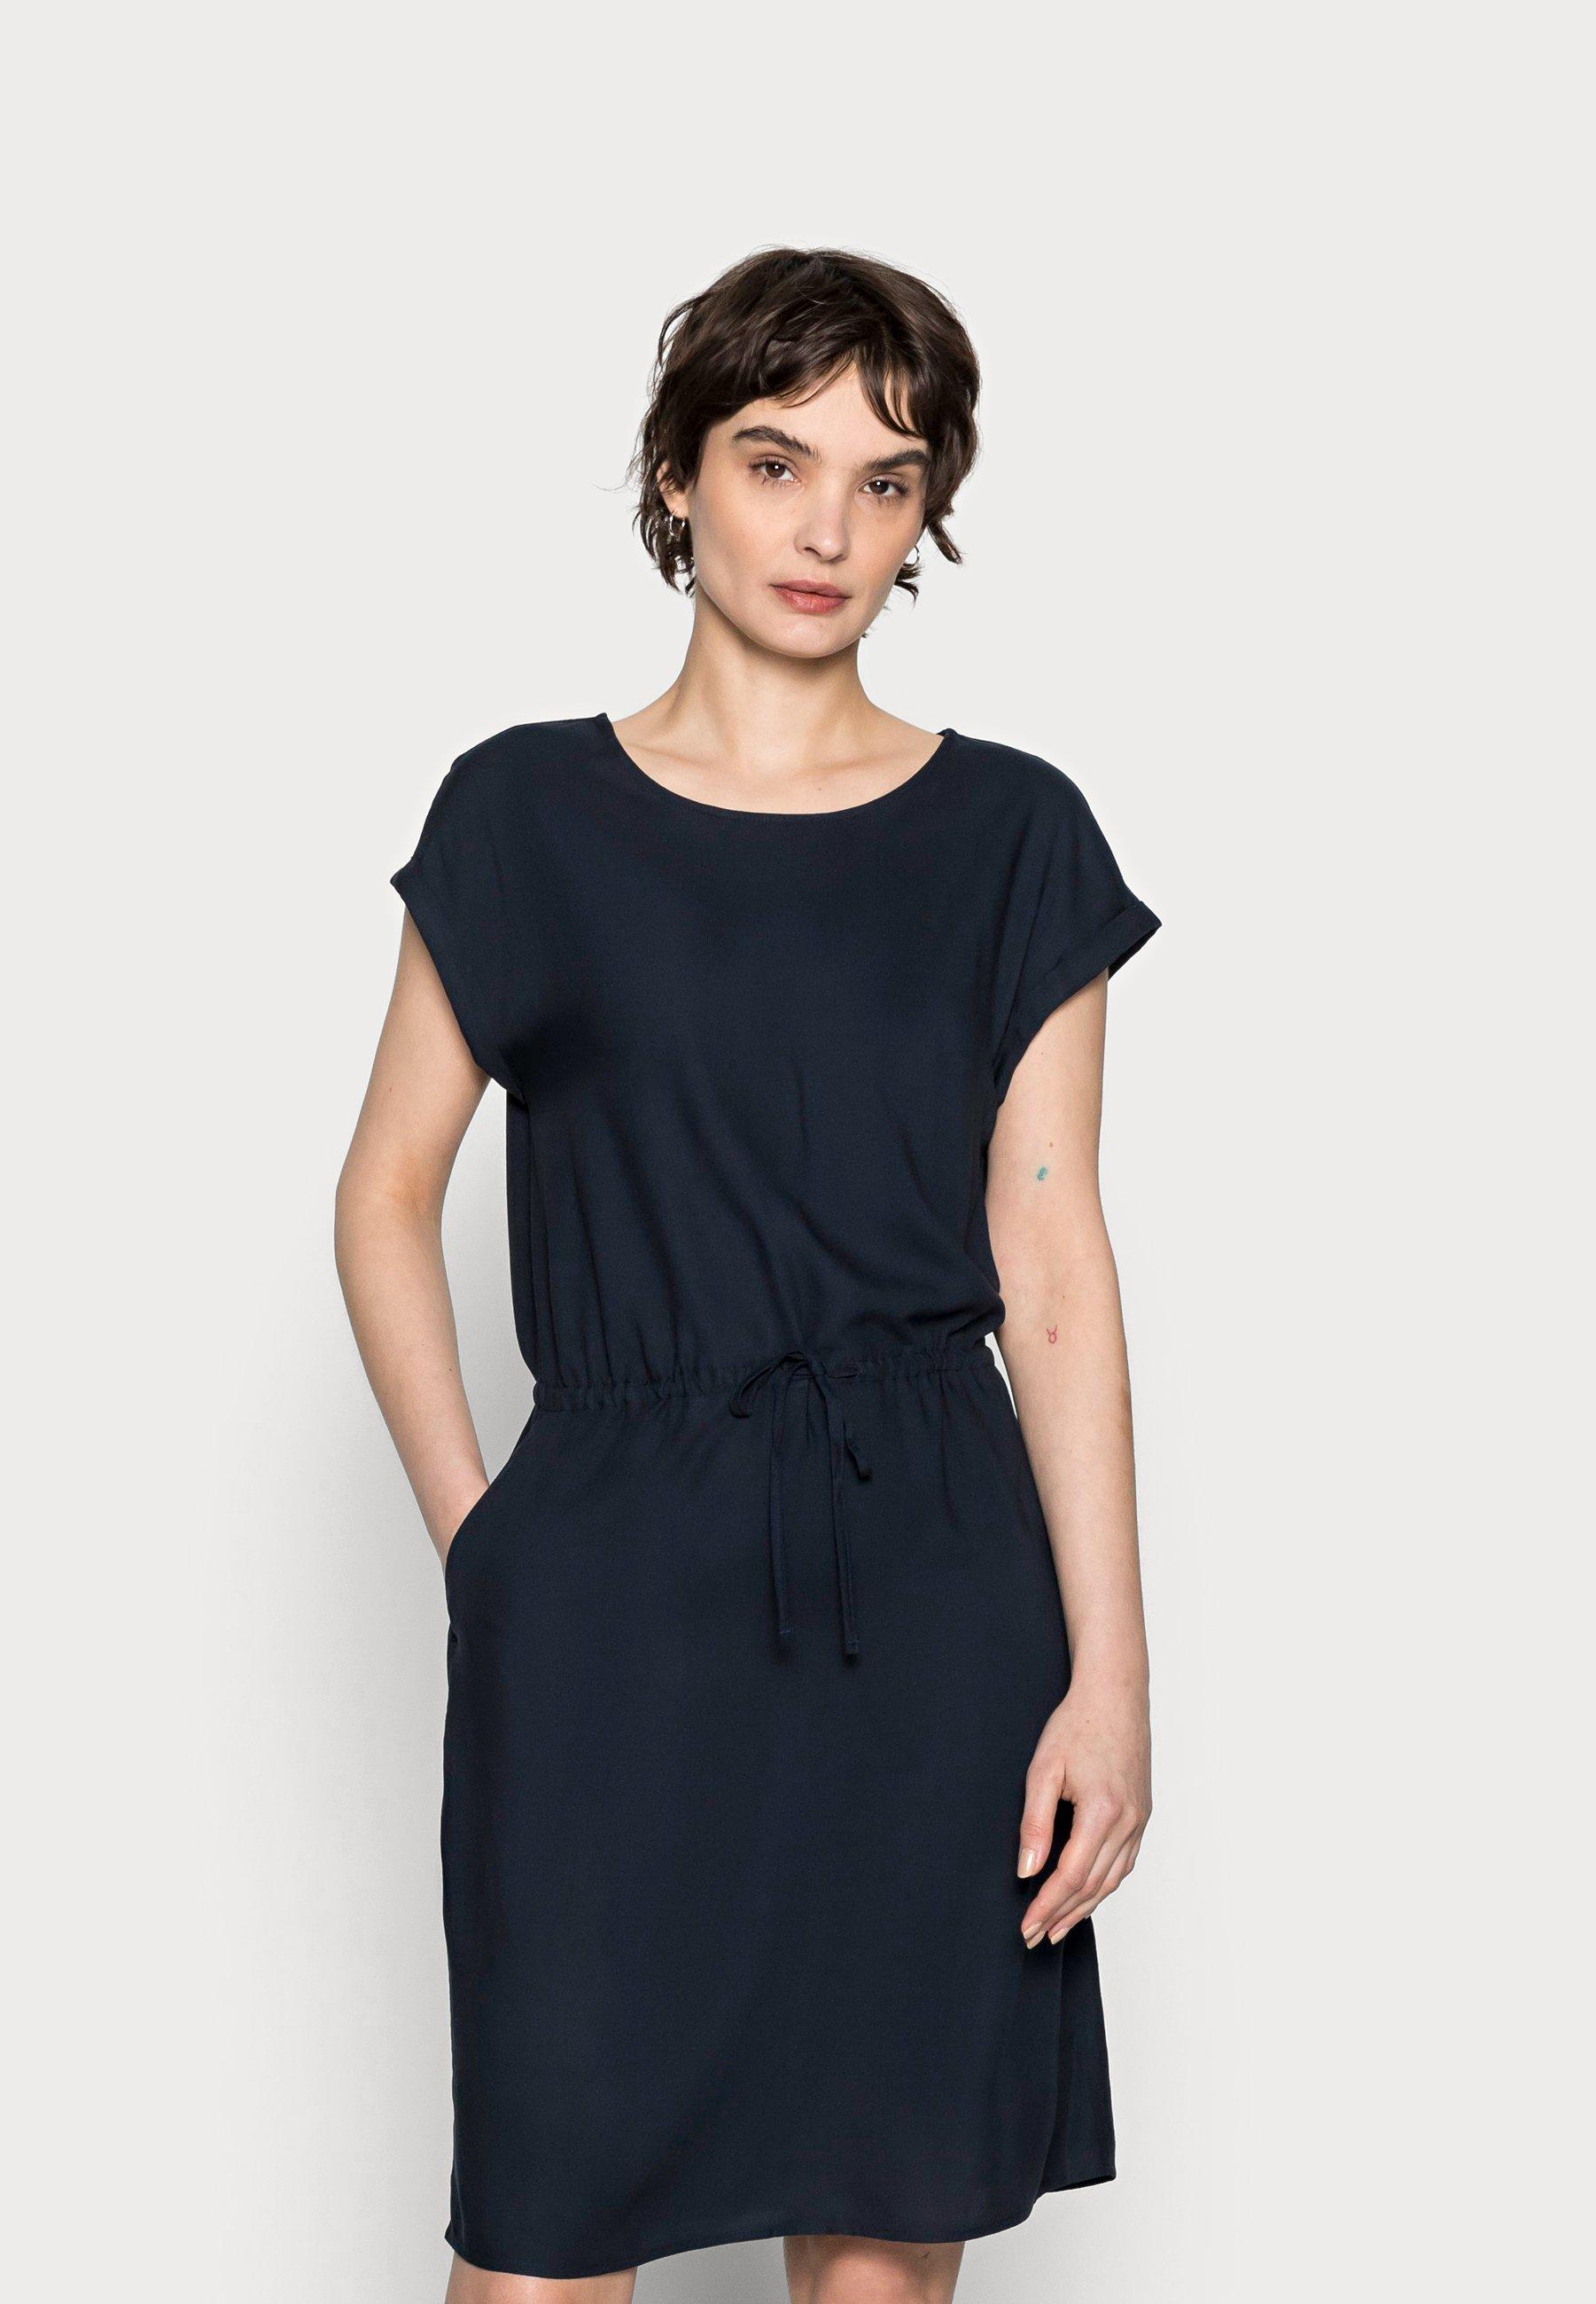 Damen DRESS CASUAL WITH POCKETS - Freizeitkleid